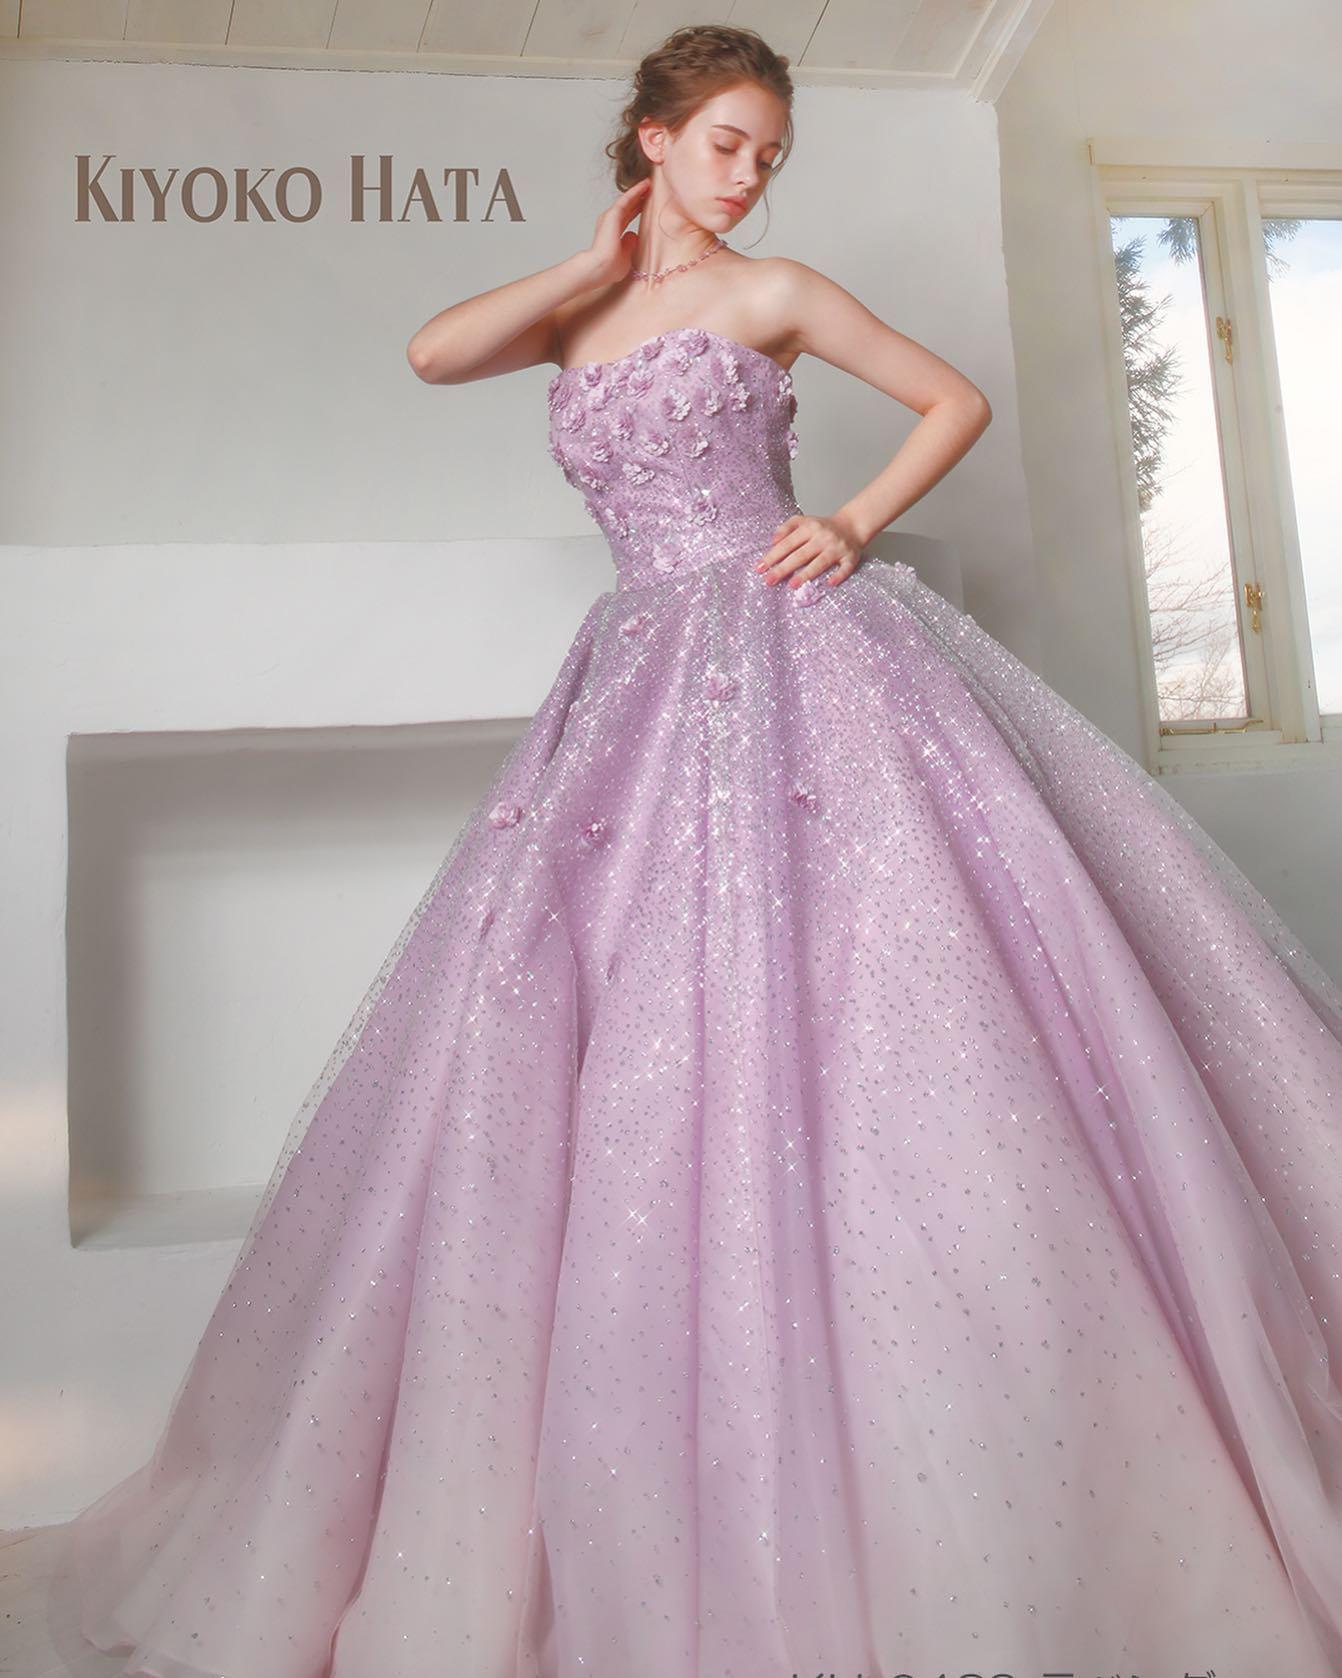 """・今日は大人気の""""KIYOKO HATAのカラードレスをご紹介・グラデーションに染め上げたサテンオーガンジーにキラキラのグリッターが施されたチュールを重ねた美しいドレス・胸元からスカートにかけて散りばめたモッコウバラのモチーフが、女性らしいブーケのような立ち姿を演出してくれます・幸せオーラいっぱいの可愛らしいドレスご試着いかがでしょうか・【KIYOKO HATA】CD0290KH-0439・#wedding #weddingdress #bridalhiro #kiyokohata #marry#ウェディングドレス #プレ花嫁 #ドレス試着 #2021冬婚 #ヘアメイク #結婚式  #ドレス選び #前撮り #後撮り #フォトウェディング #ウェディングヘア  #フォト婚 #前撮り写真 #ブライダルフォト #カップルフォト #ウェディングドレス探し #ウェディングドレス試着 #レンタルドレス #ドレスショップ #家族婚 #ブライダルヒロ #ゼクシィ #プリンセスライン #ドレス迷子"""